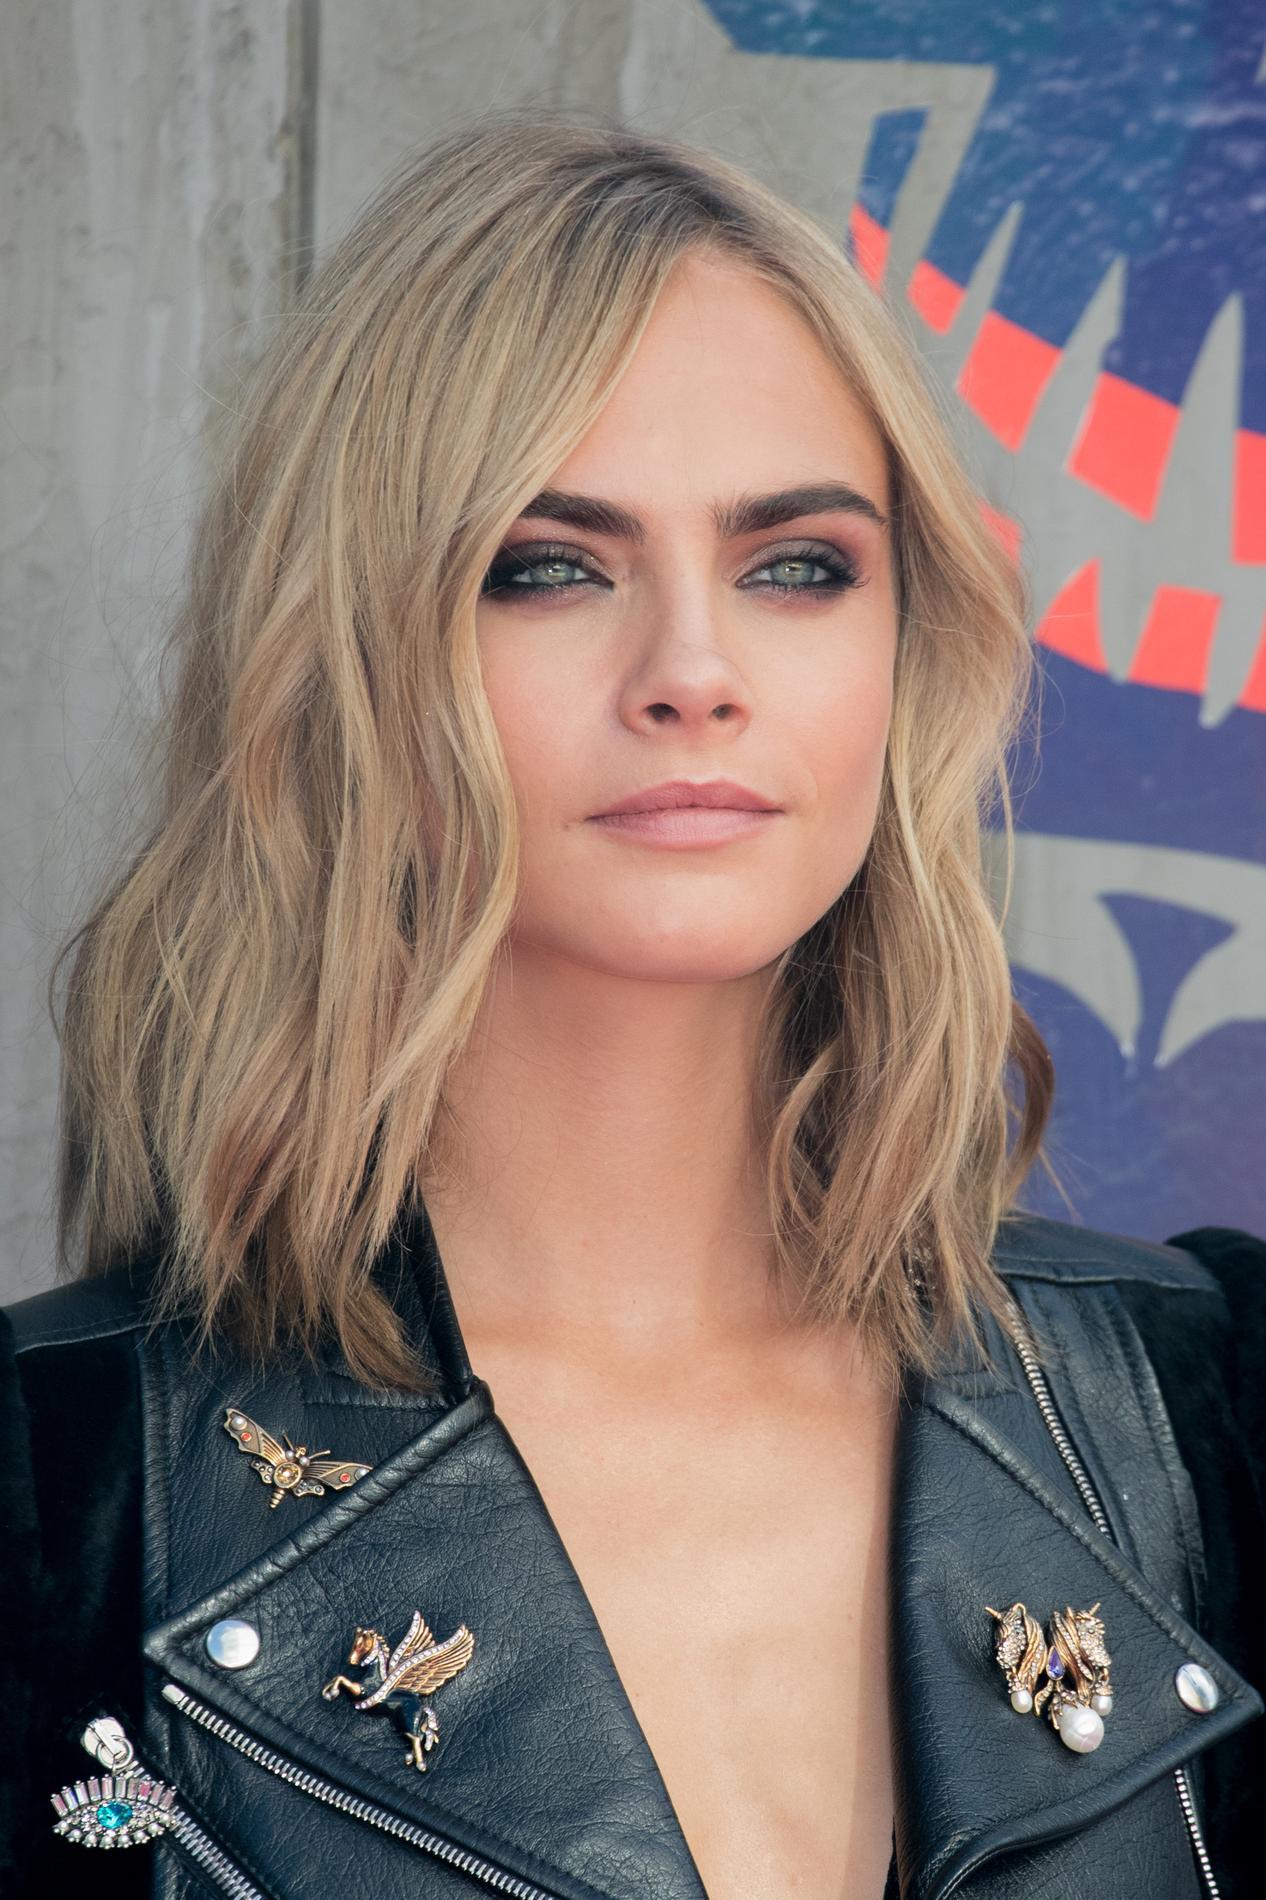 Comment rendre les cheveux plus foncГ©s sans teindre